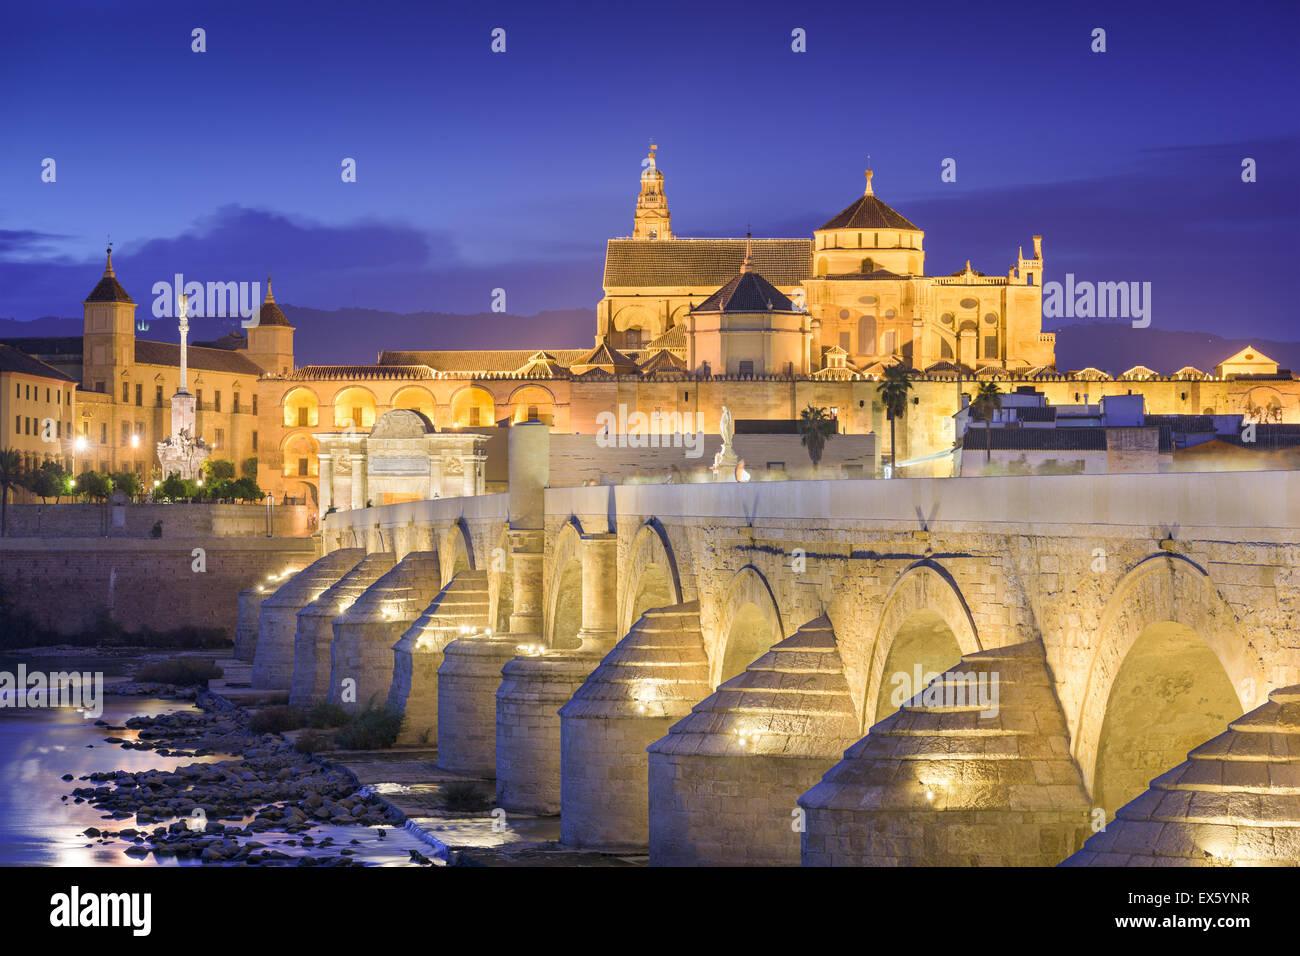 Cordoba, Spagna alla Moschea-Cattedrale e Ponte Romano. Immagini Stock